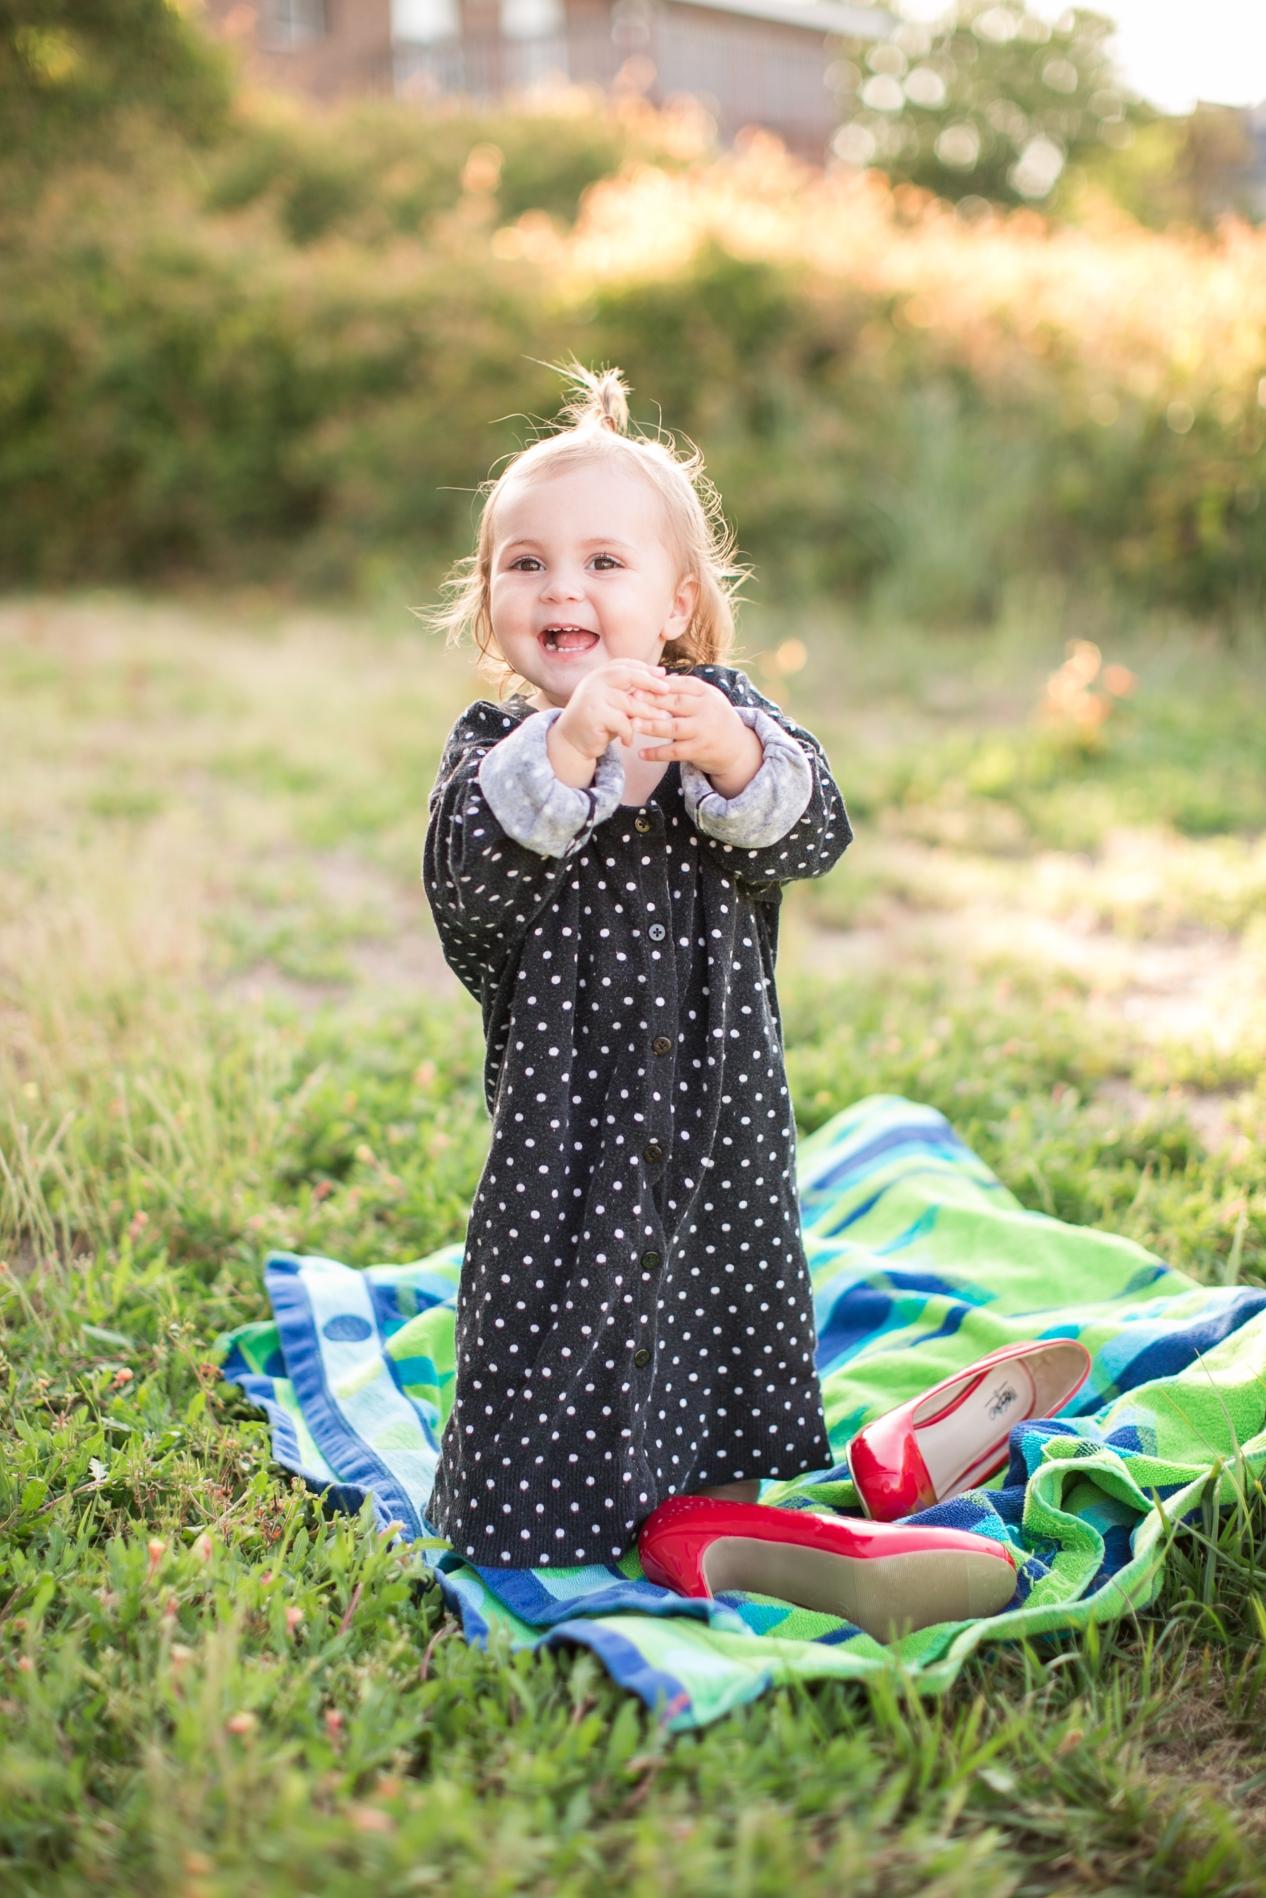 ellie-sweater-15-16-months-11